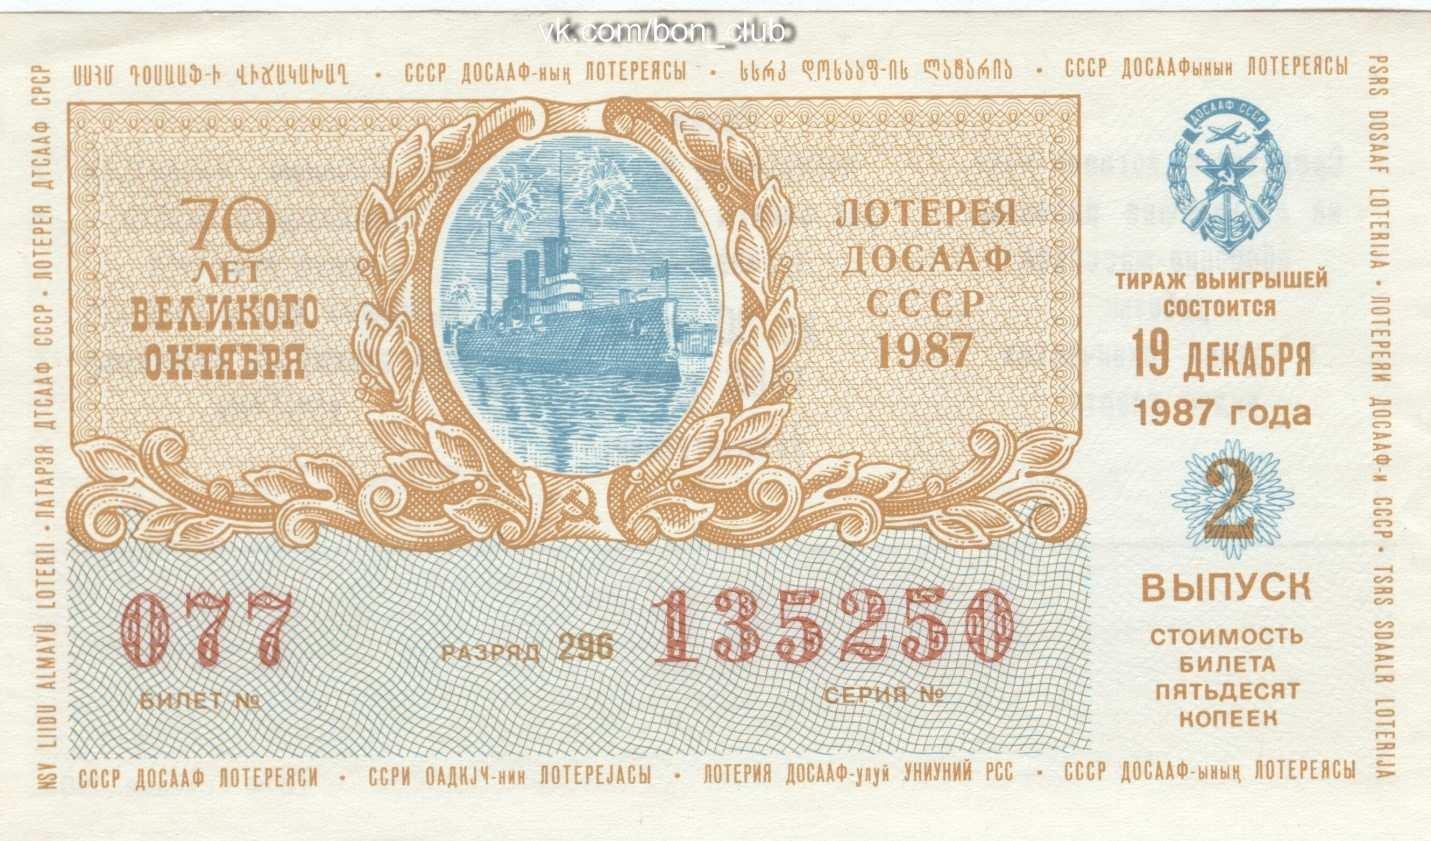 """Ооо """"народная лотерея"""", г москва, инн 7722507410, огрн 1047796104509 - реквизиты, отзывы, контакты, рейтинг."""